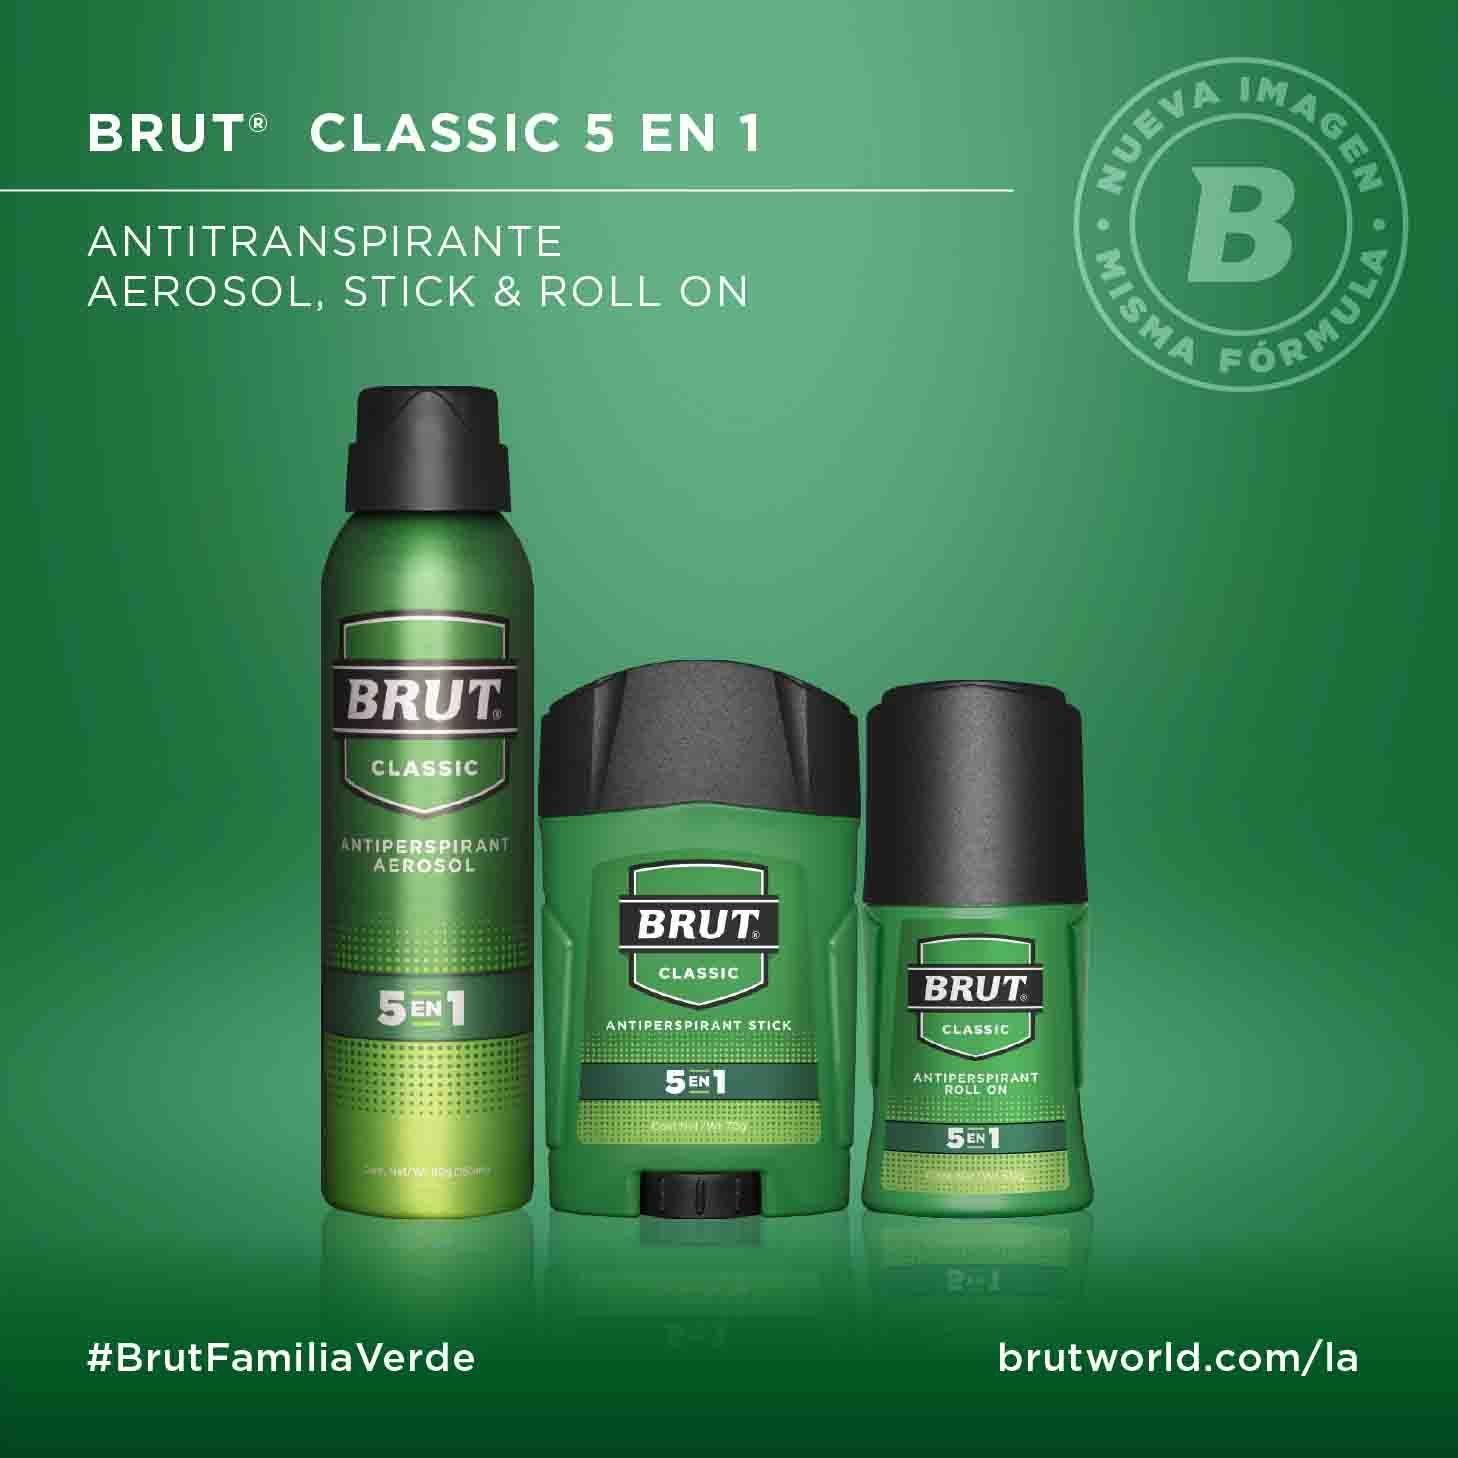 Fotografia Brut Classic 5 en 1